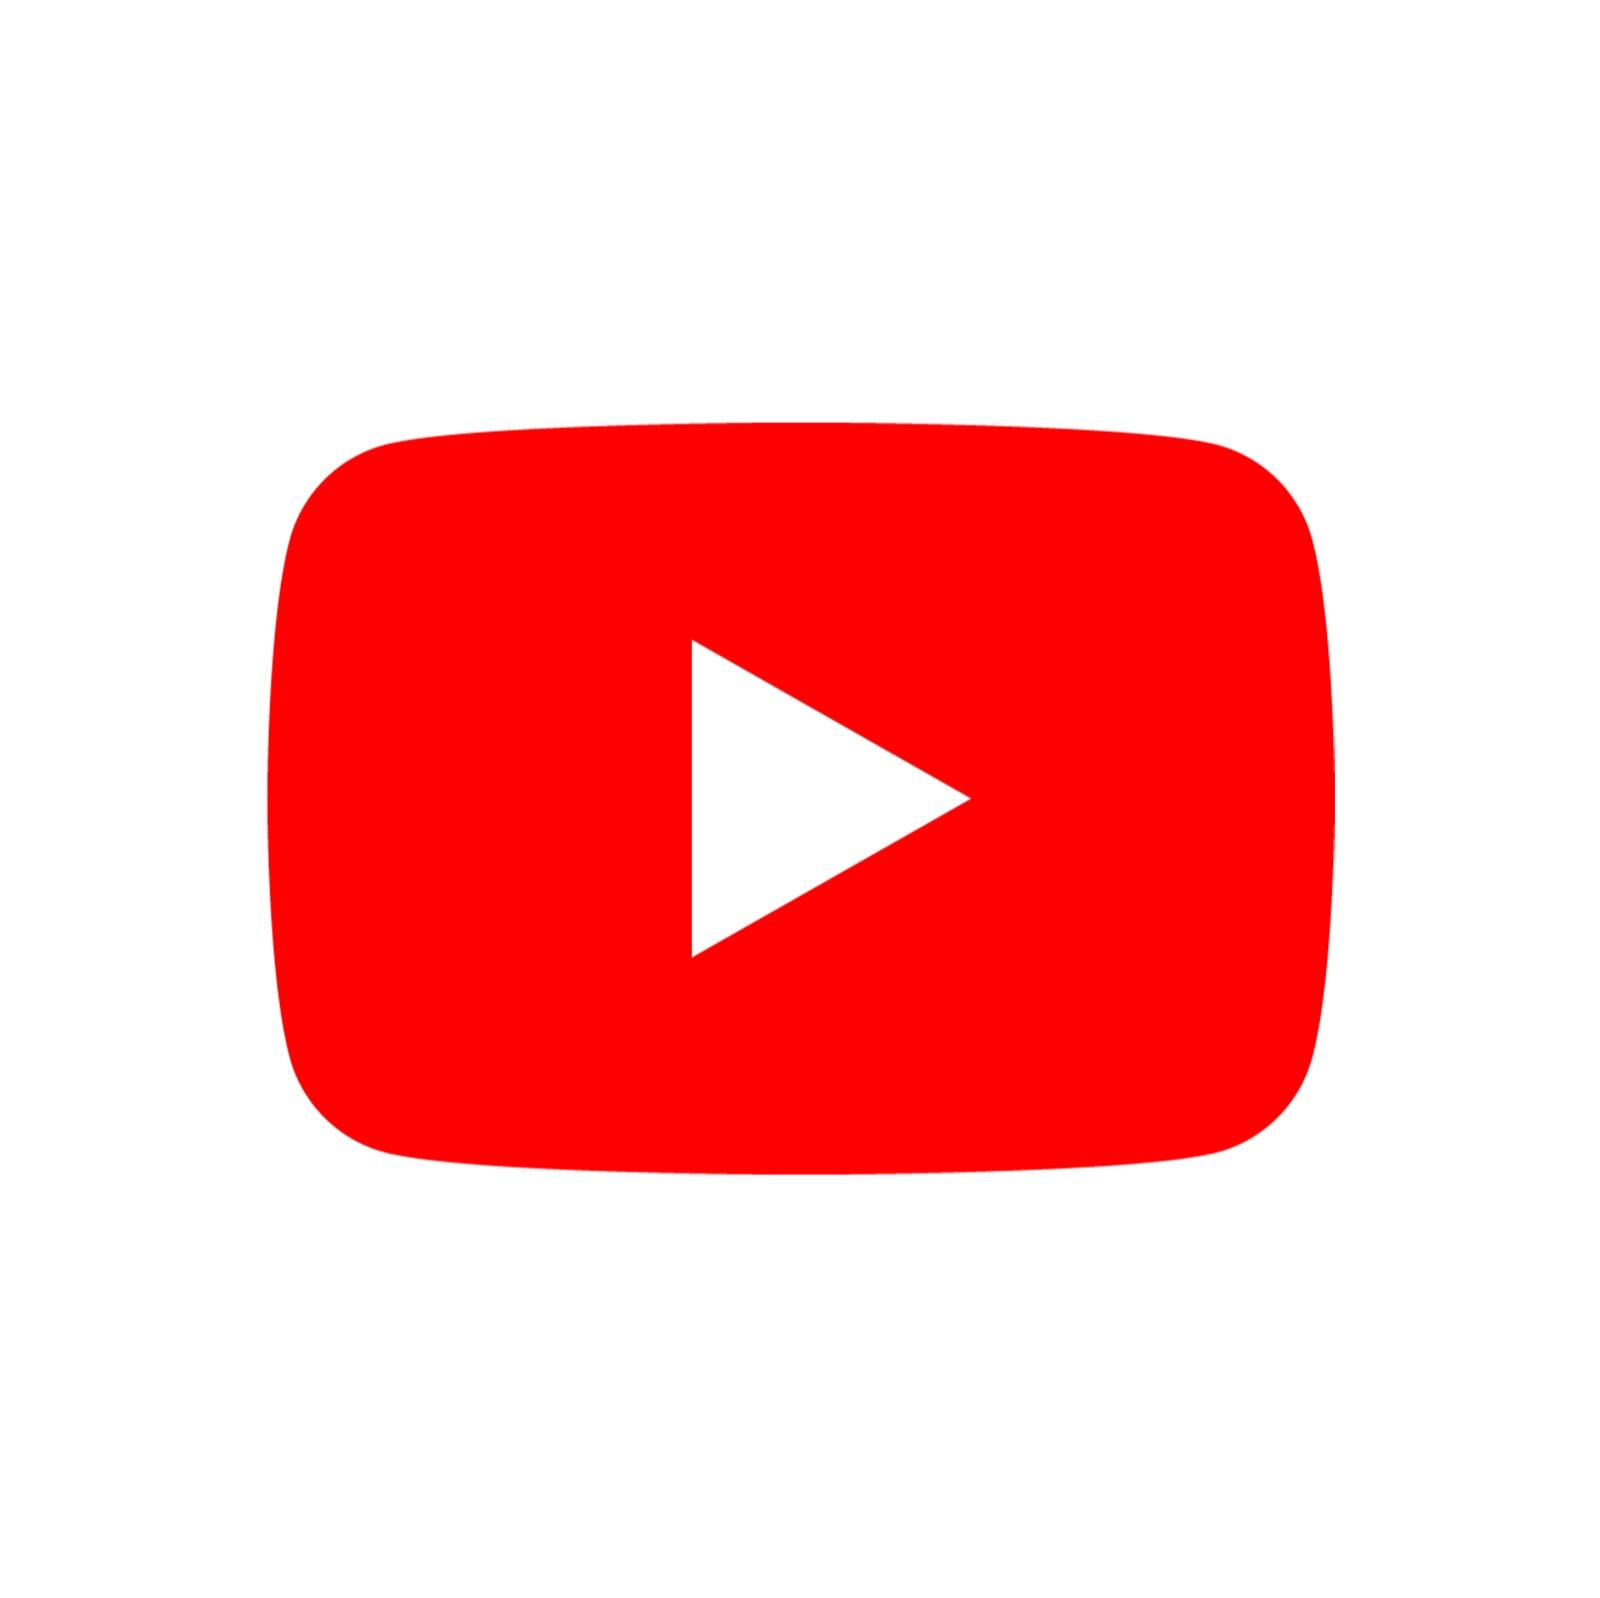 youtube sausagelover 99 wiki fandom powered by wikia